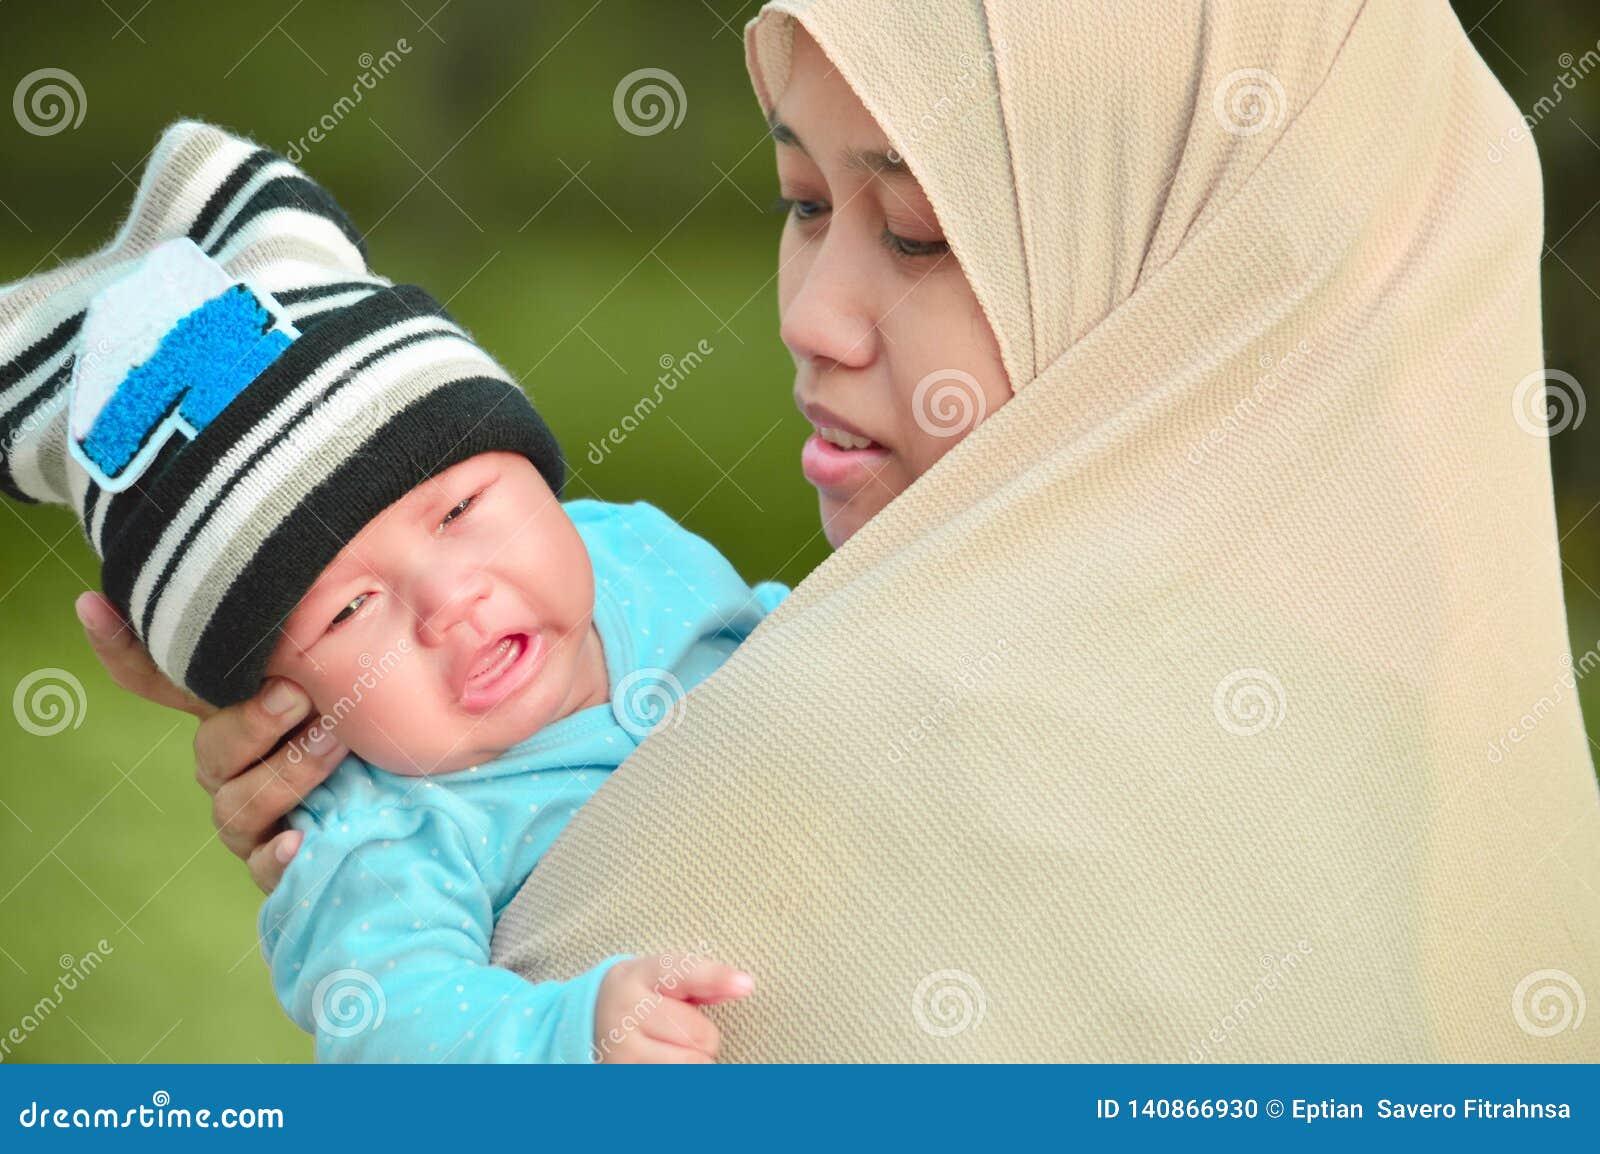 镇定他她的胳膊的回教hijabi母亲哭泣的婴儿婴孩在室外公园在好日子